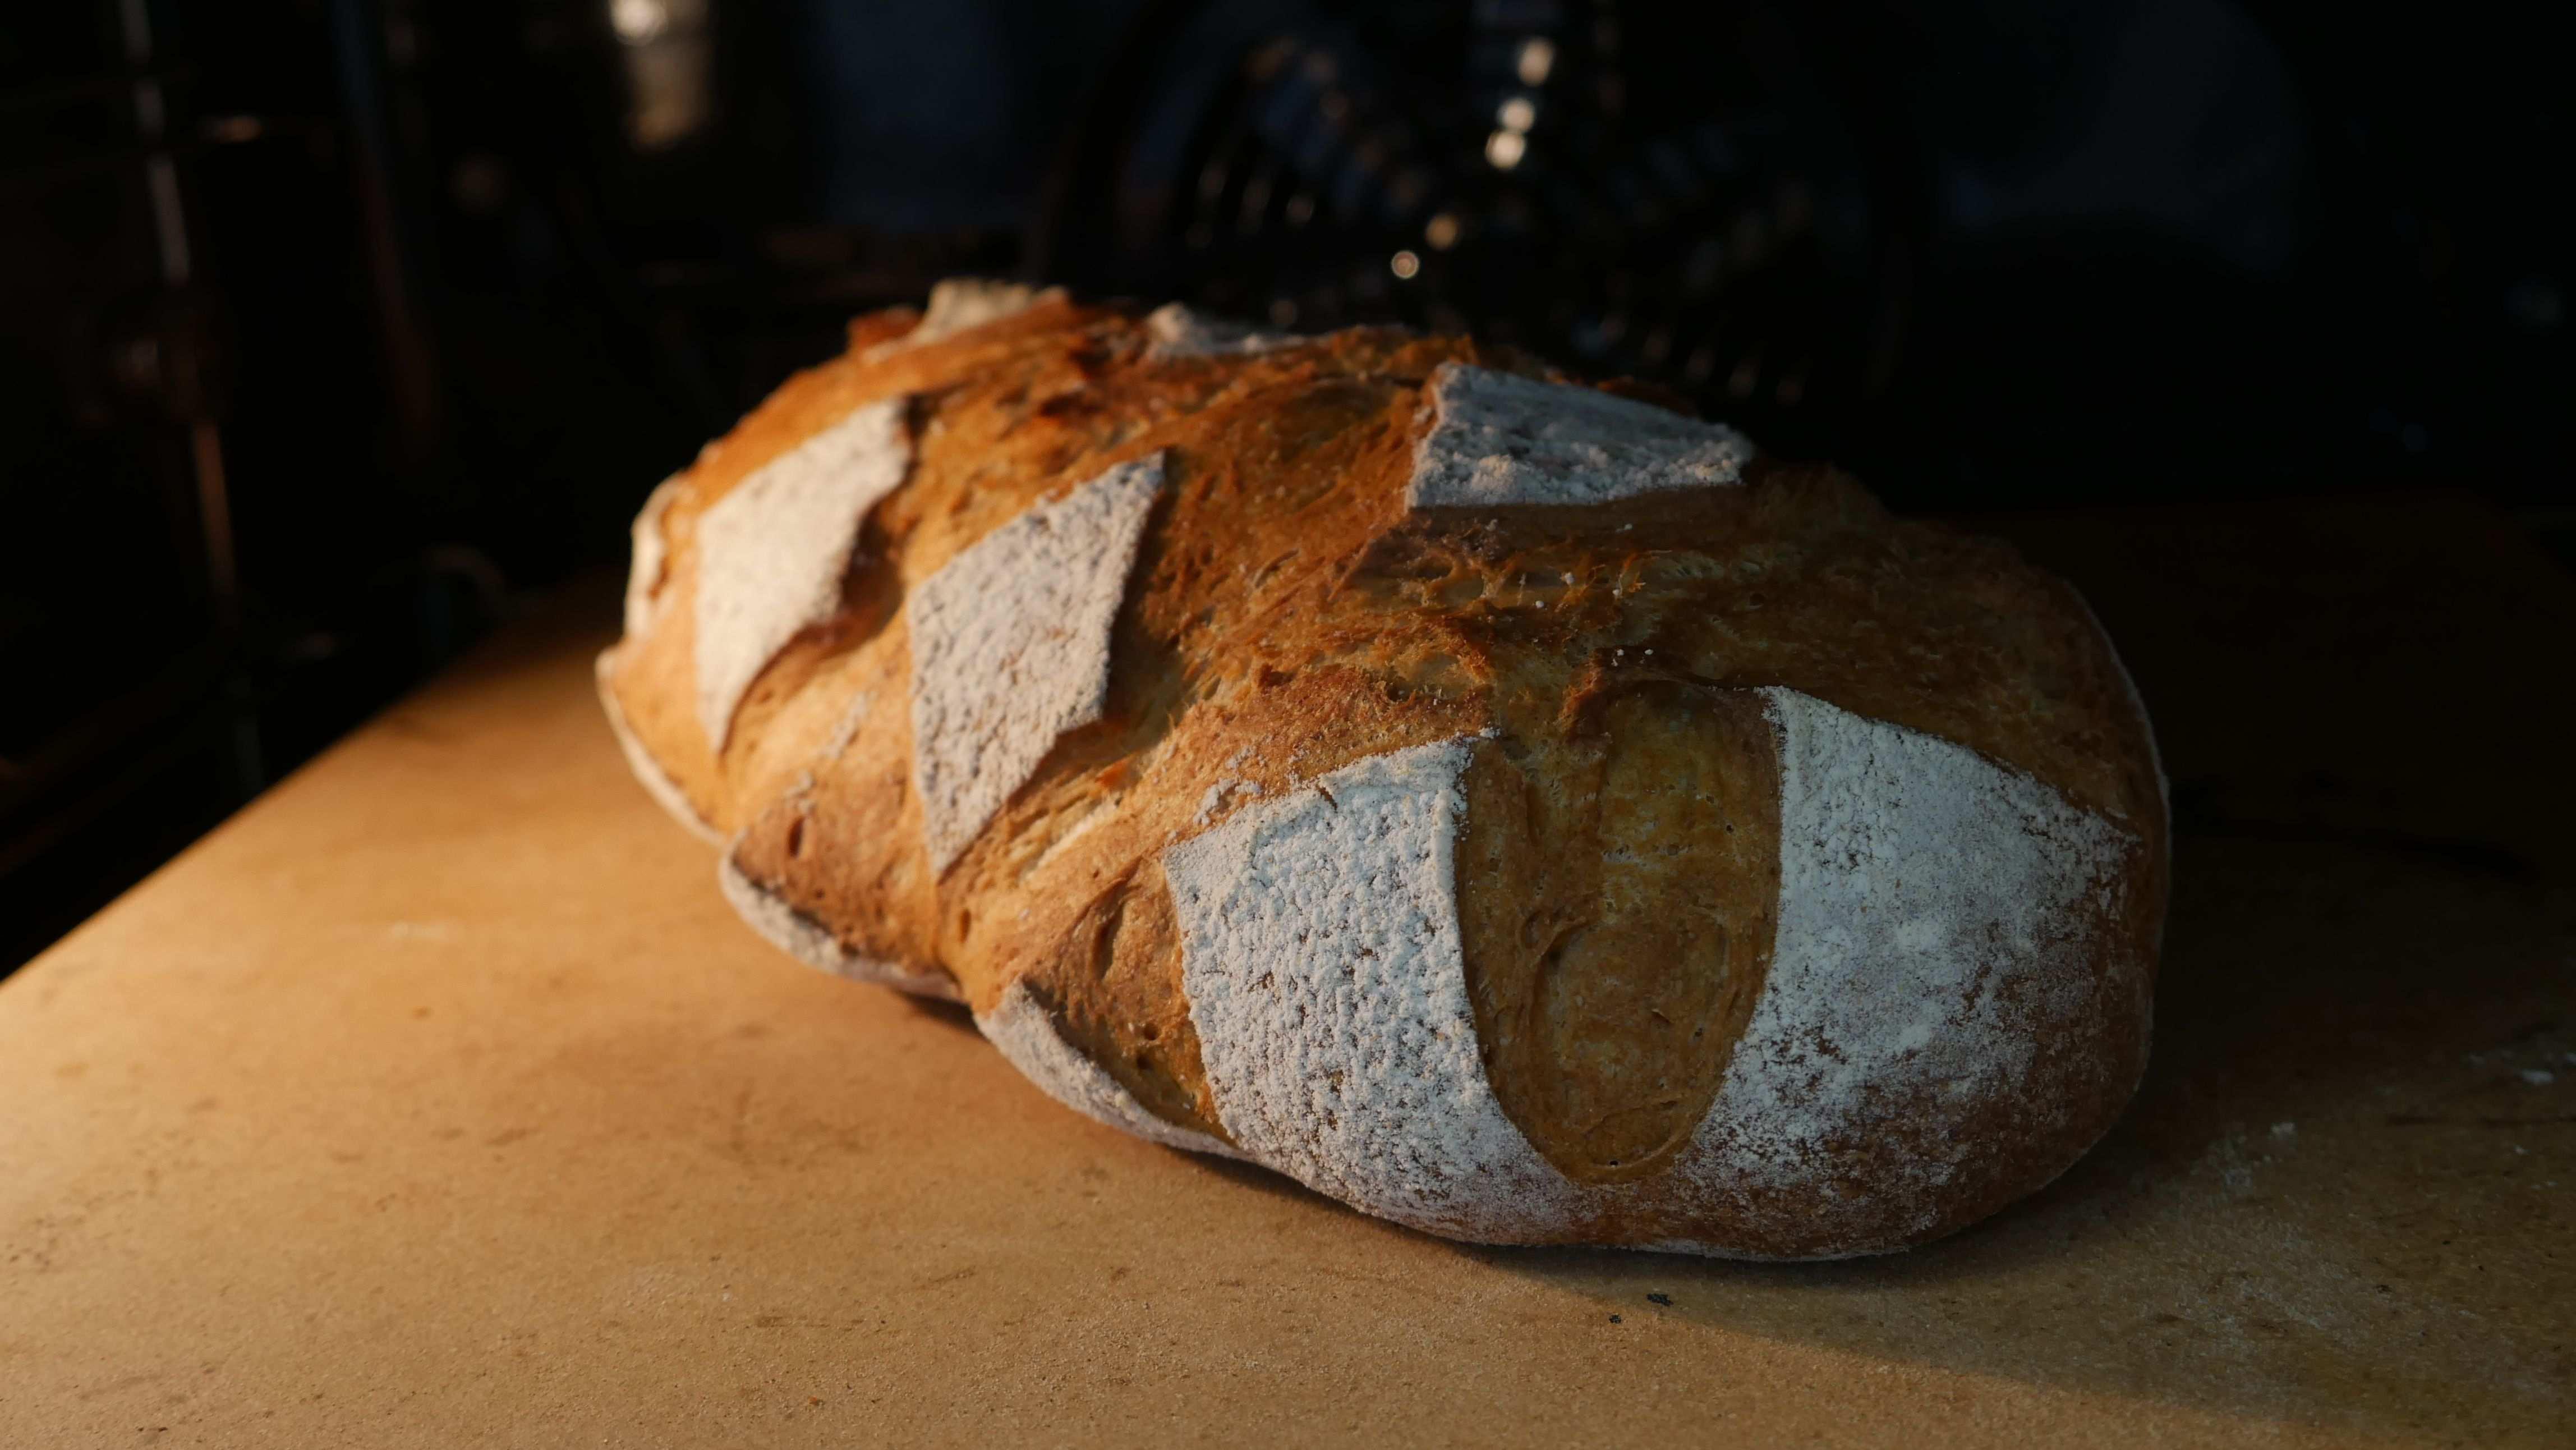 Brot Teiglinge Richtig Einschneiden Und Backen So Geht S Backtipp Brot Selber Backen Brot Selber Machen Backen